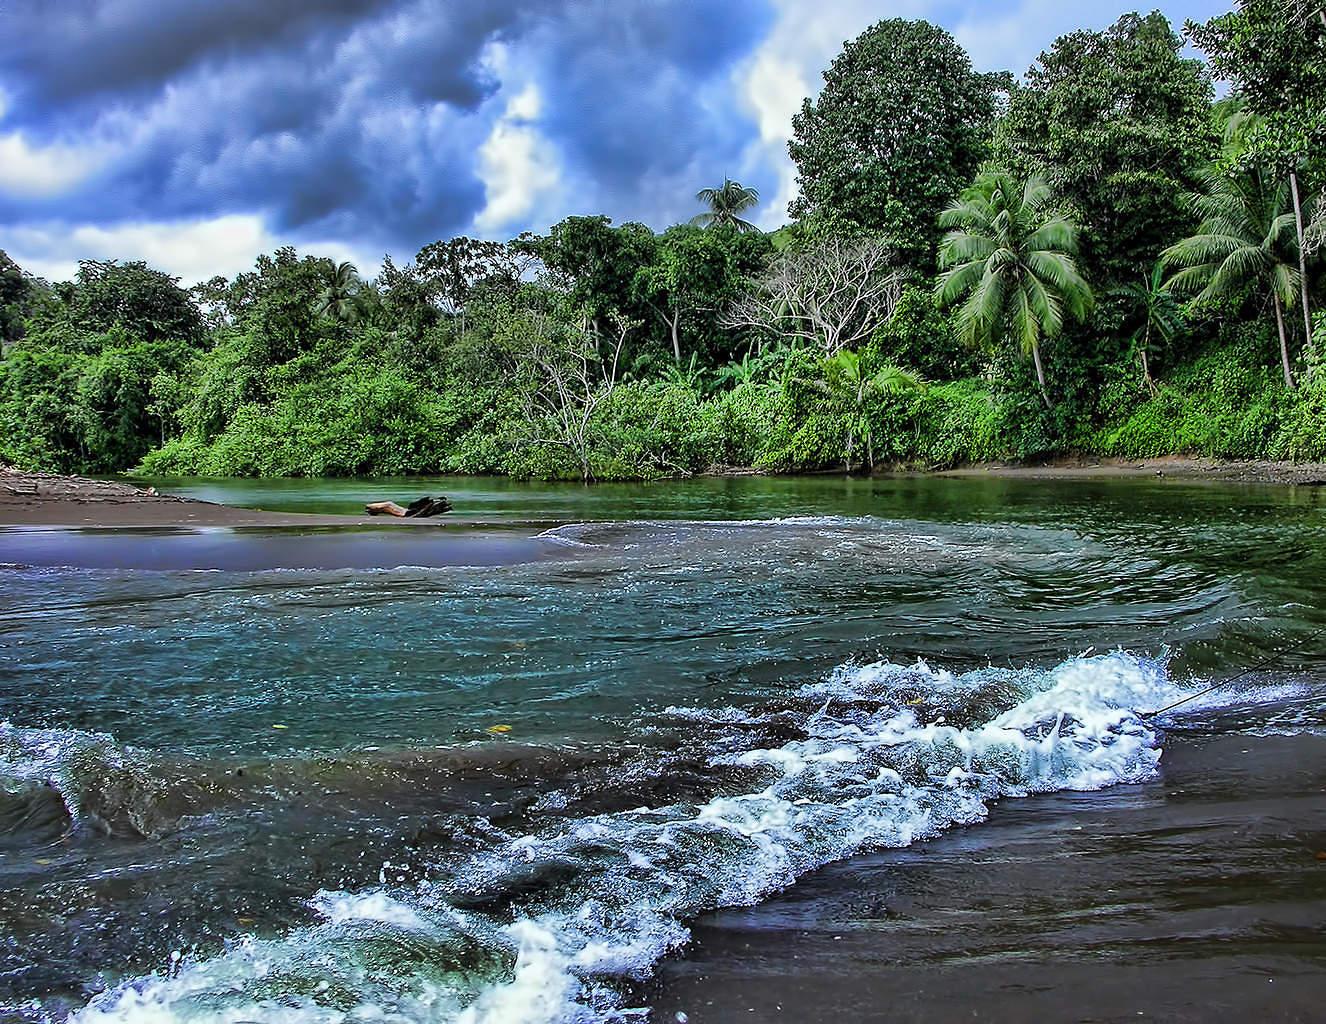 Ervaar 'Pura Vida' in Costa Rica – tekst voor reisblog